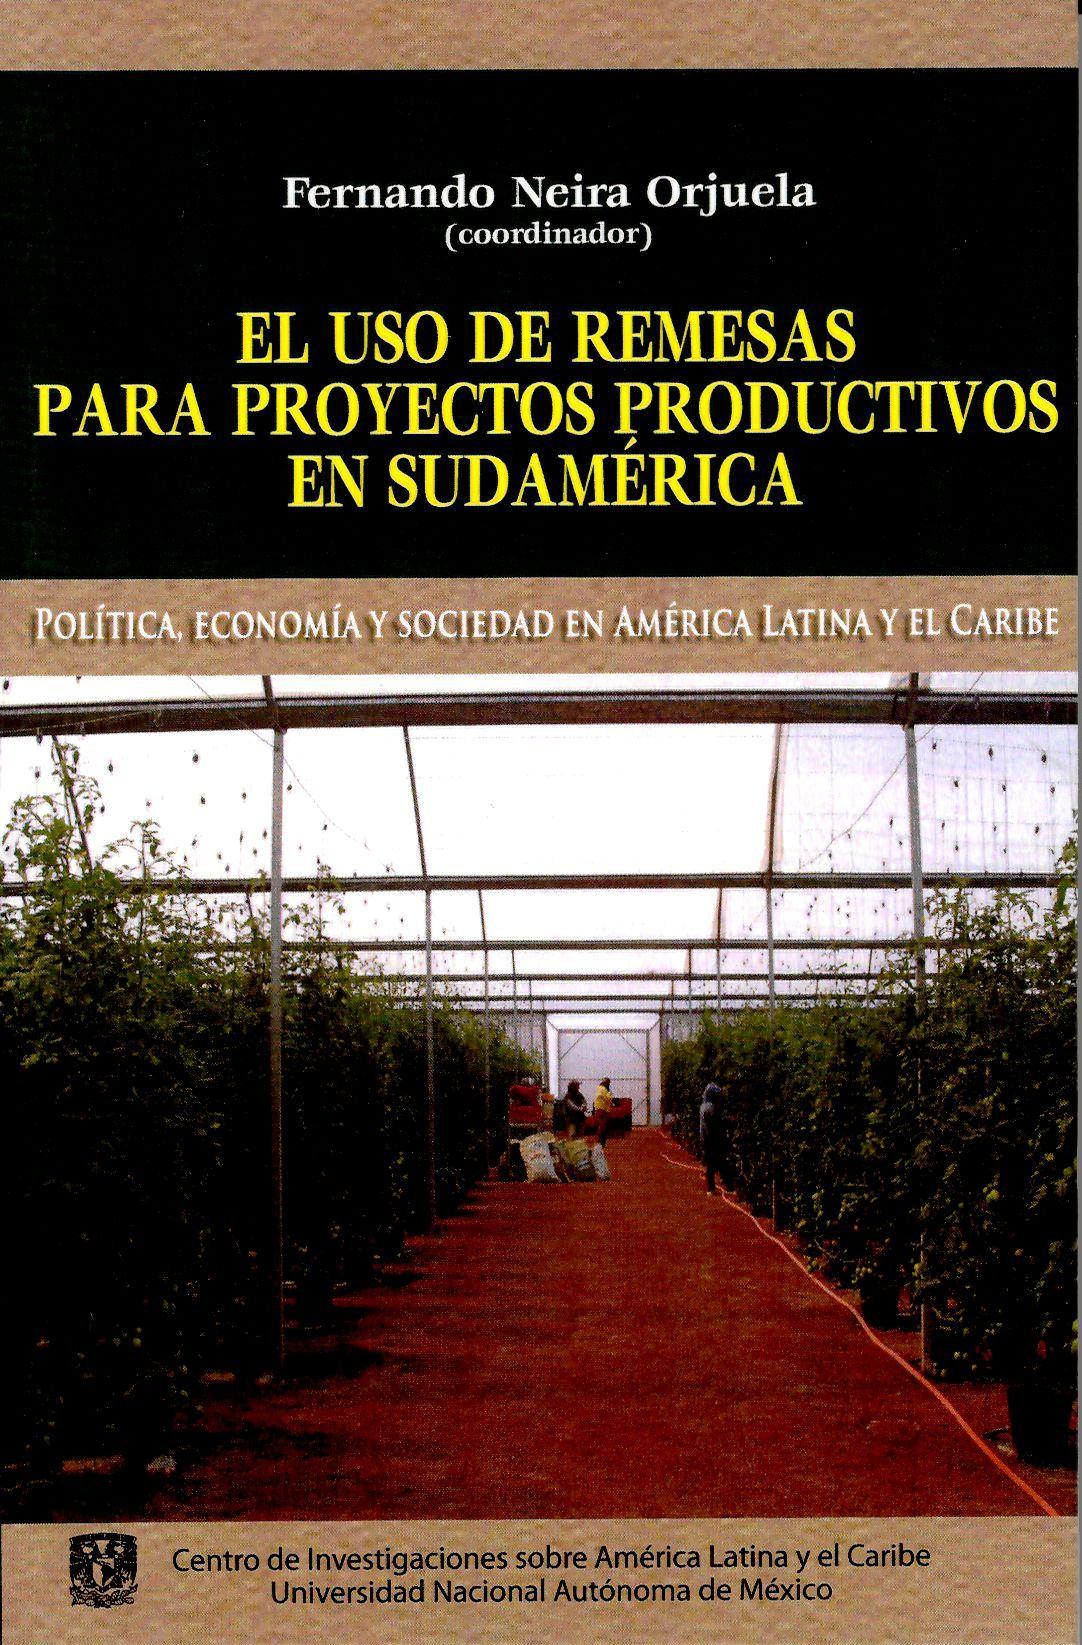 El uso de remesas para proyectos productivos en Sudamérica